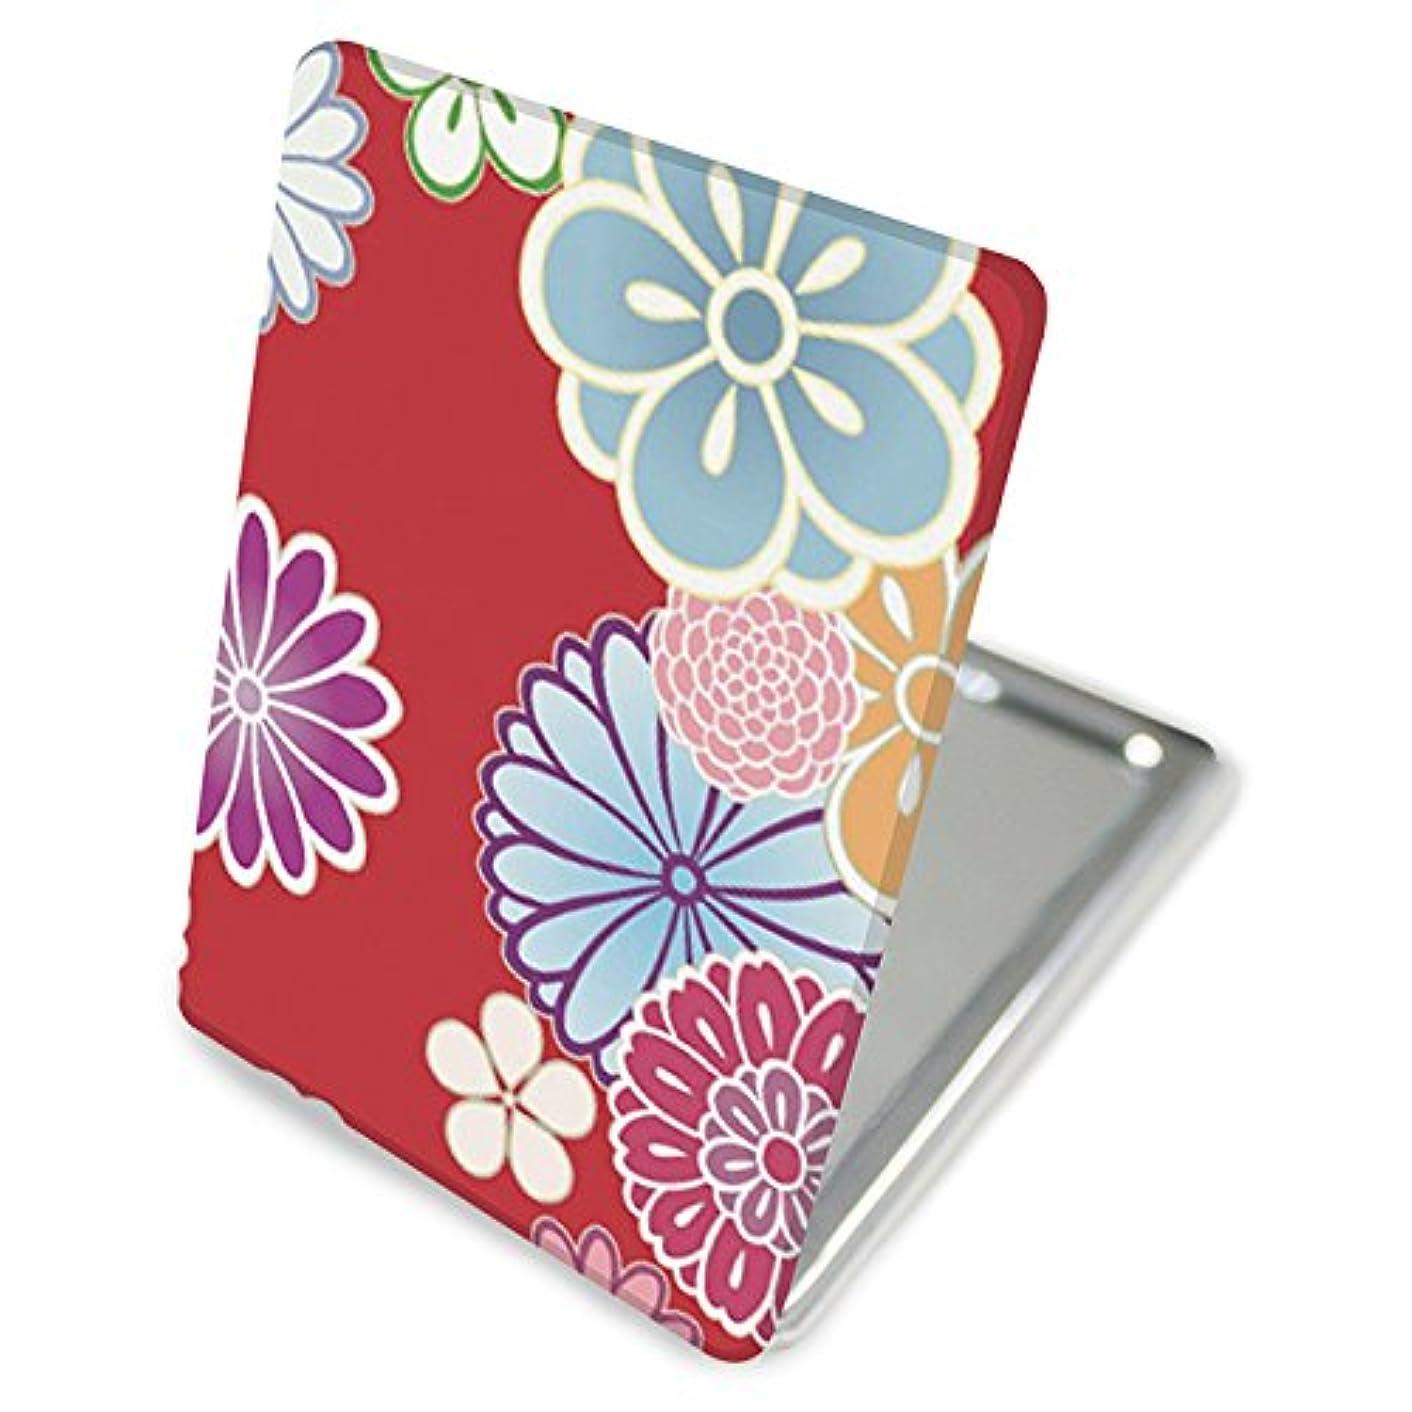 インディカ谷オセアニア(カリーナ) Carine 手鏡 コンパクトミラー ハンドミラー 拡大鏡付 持ち歩きに便利 かわいい kgm014(C) 花柄 フラワー デザイン 和柄 和風 和花